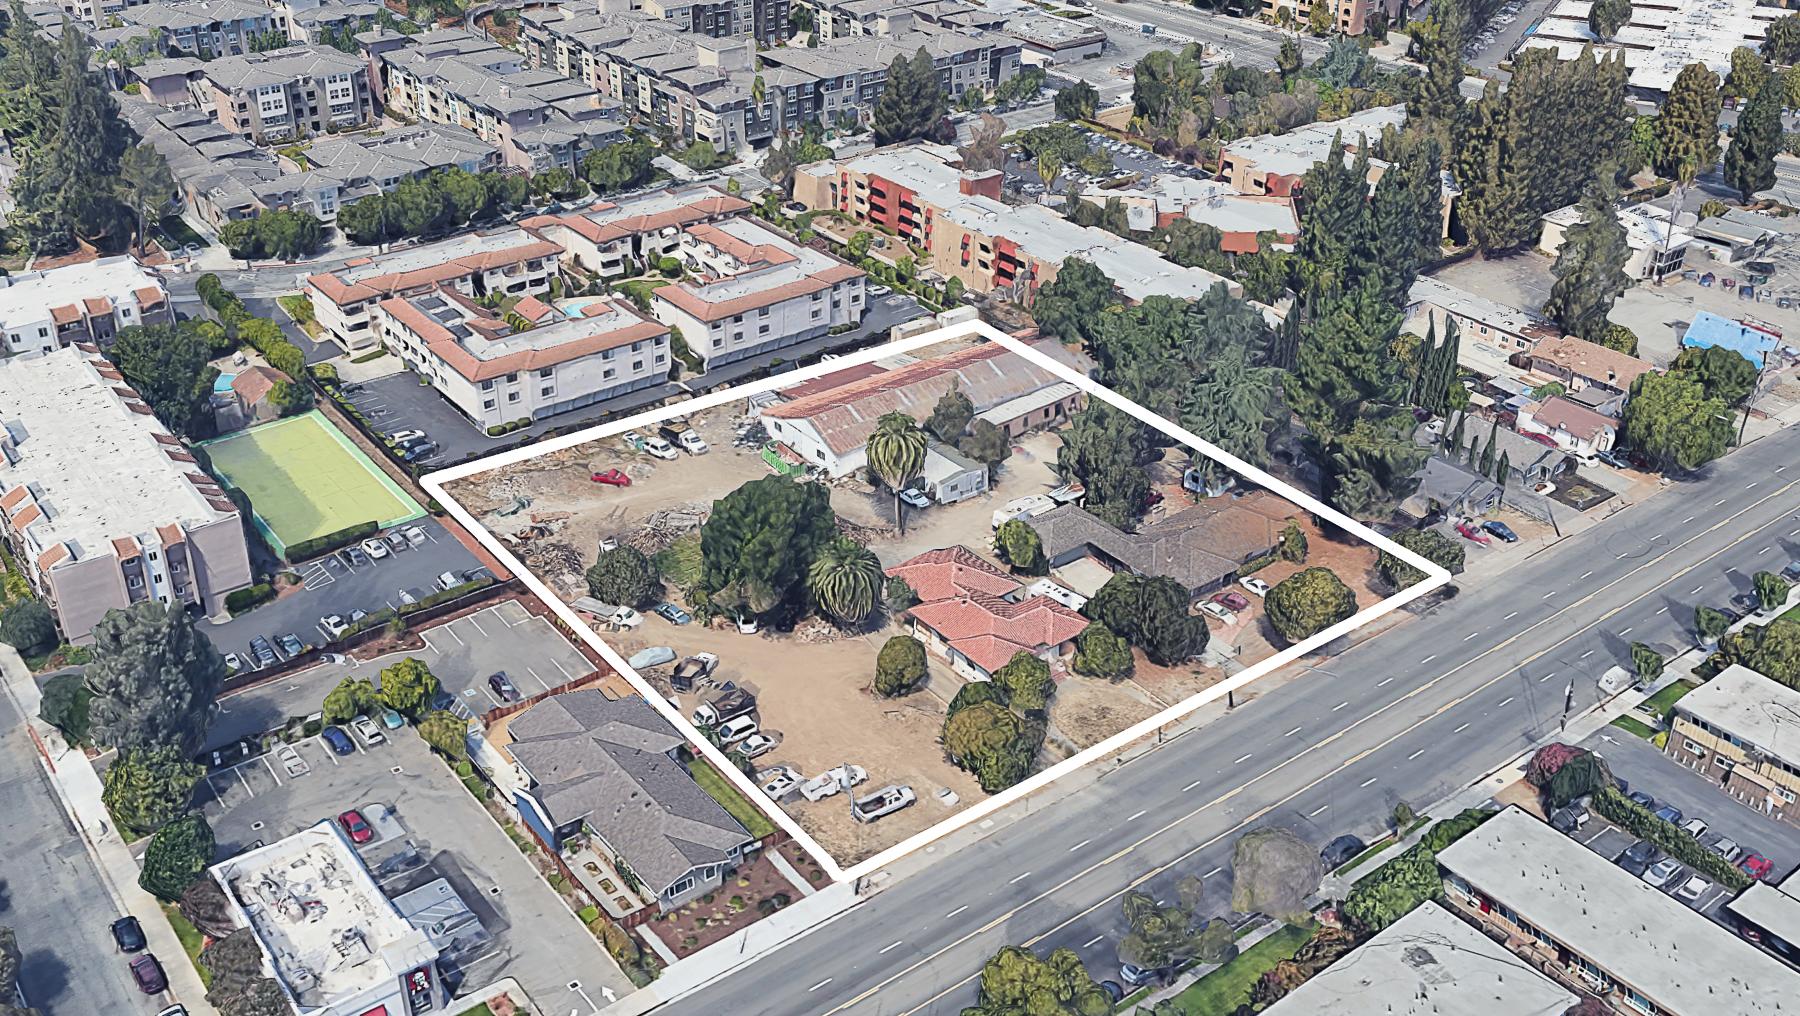 961-971 Meridian Avenue, image via Google Satellite